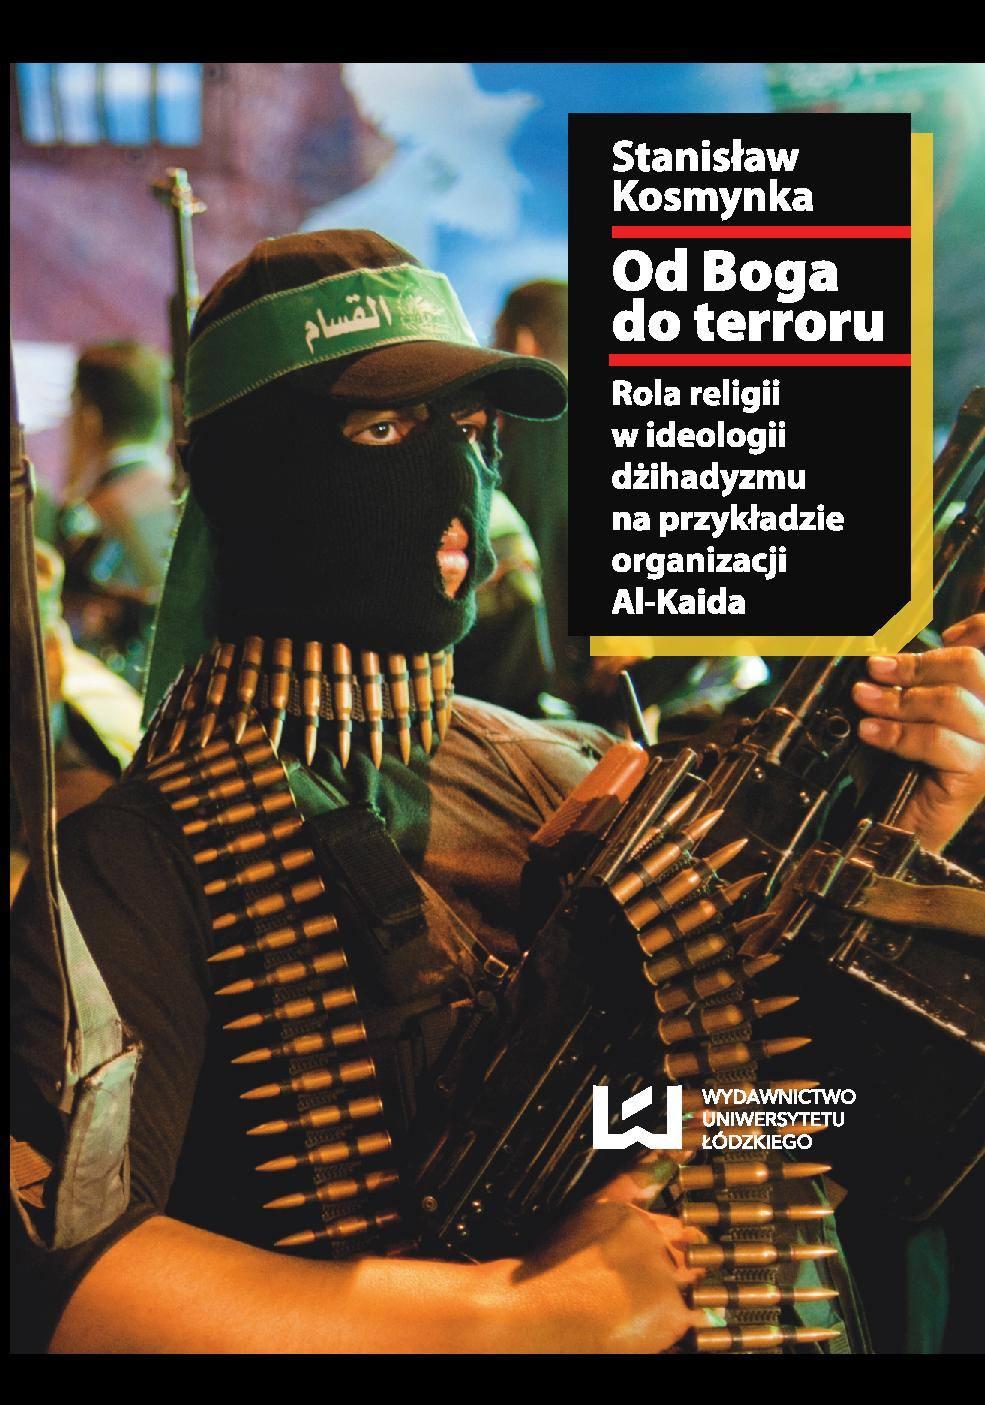 Od Boga do terroru. Rola religii w ideologii dżihadyzmu na przykładzie organizacji Al-Kaida - Ebook (Książka PDF) do pobrania w formacie PDF